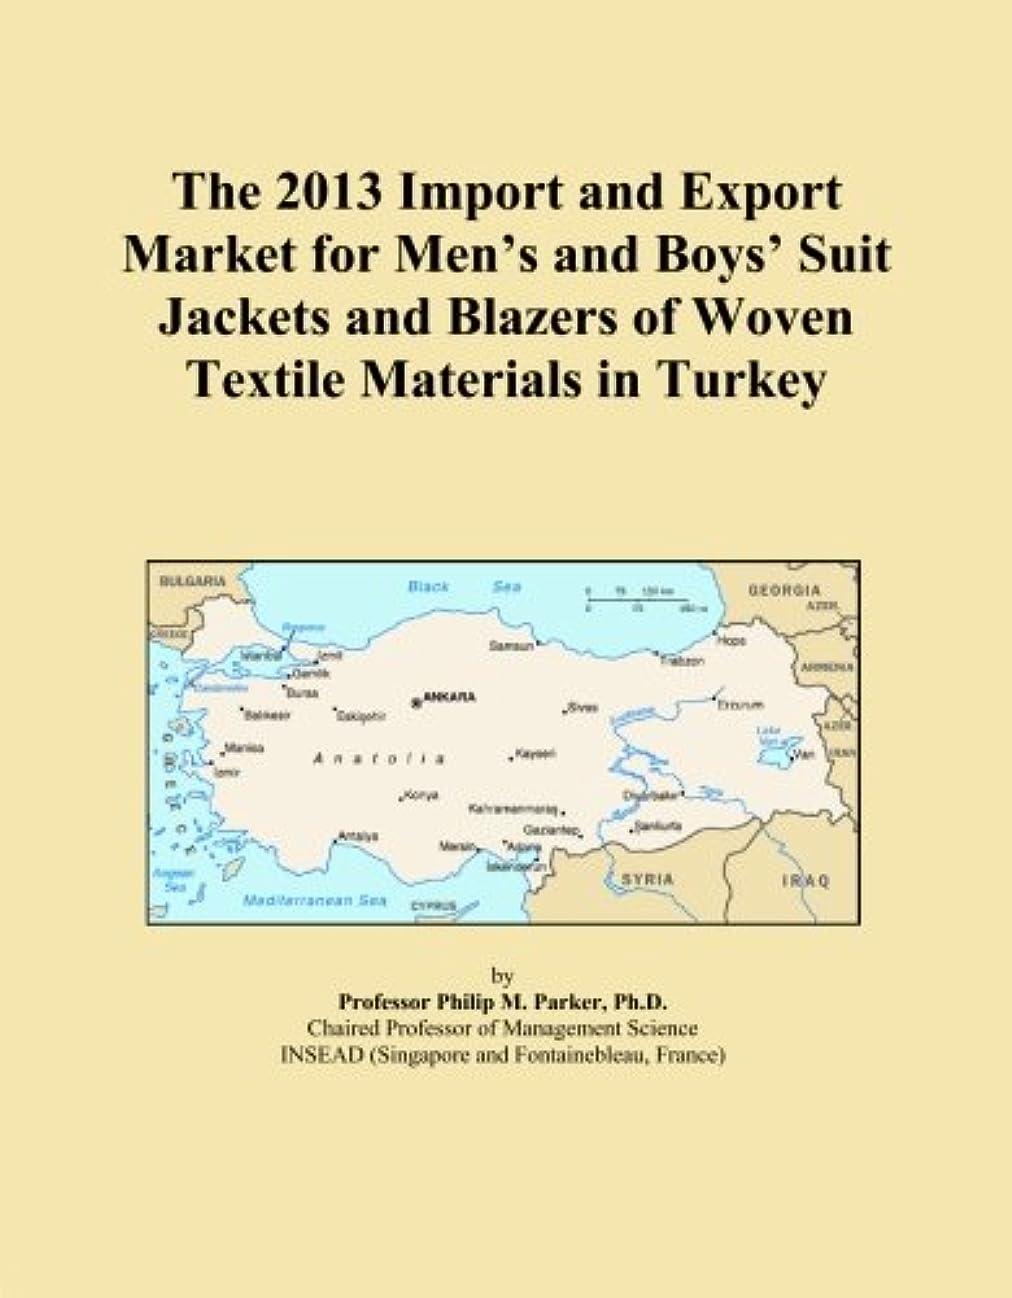 予約農業原告The 2013 Import and Export Market for Men's and Boys' Suit Jackets and Blazers of Woven Textile Materials in Turkey